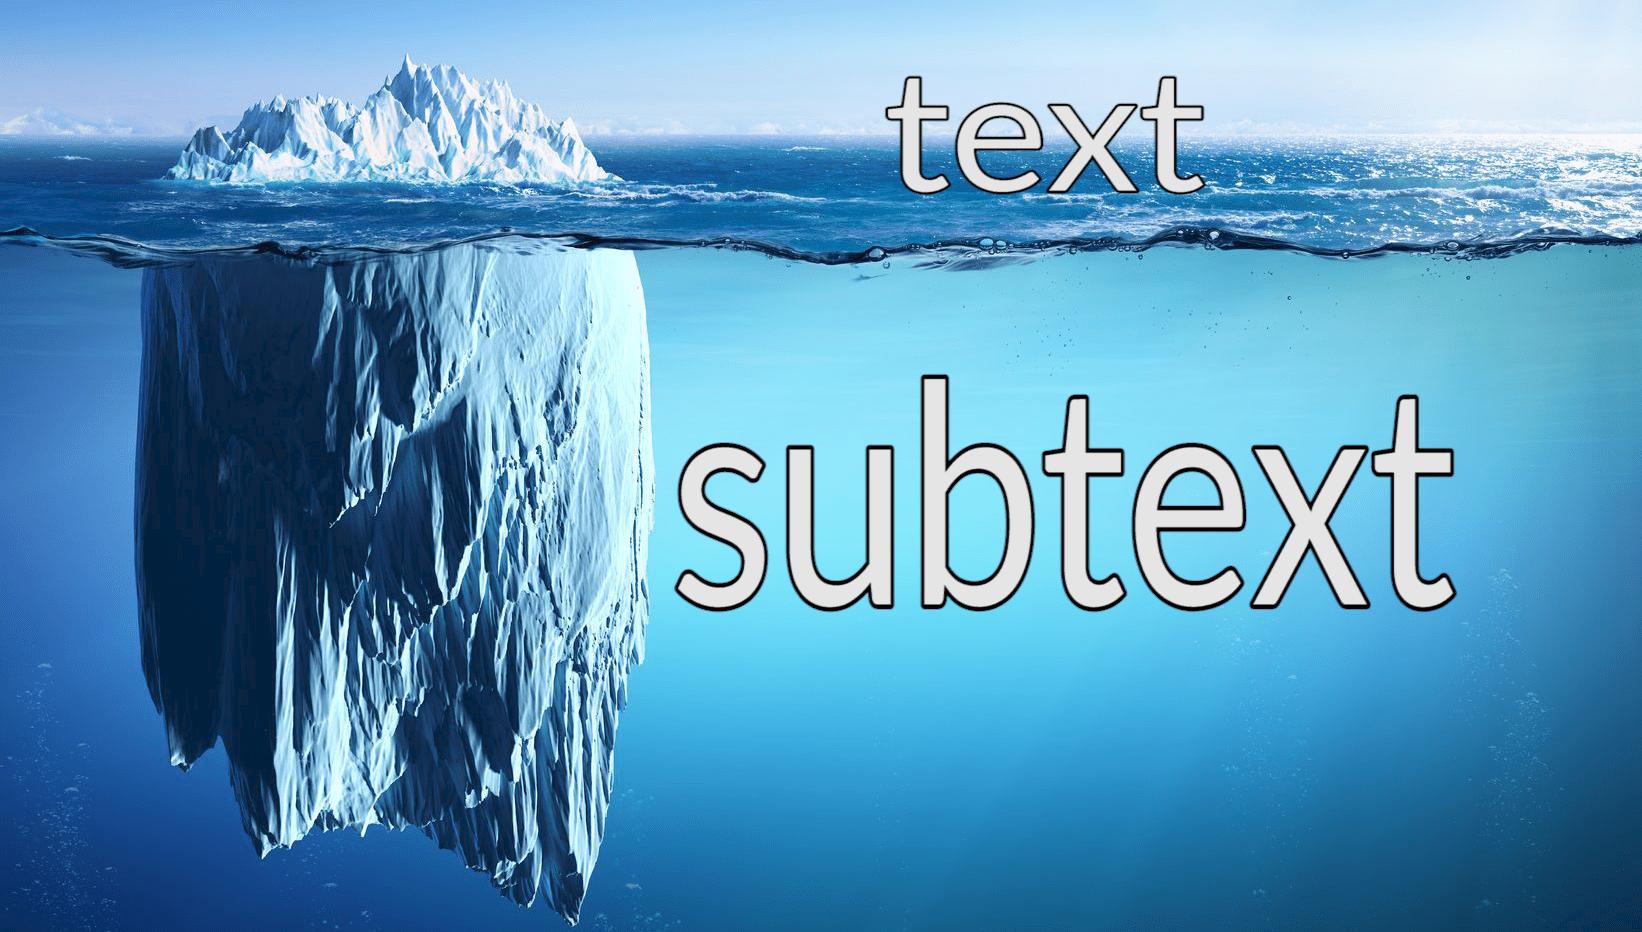 Subtext - thescriptblog.com